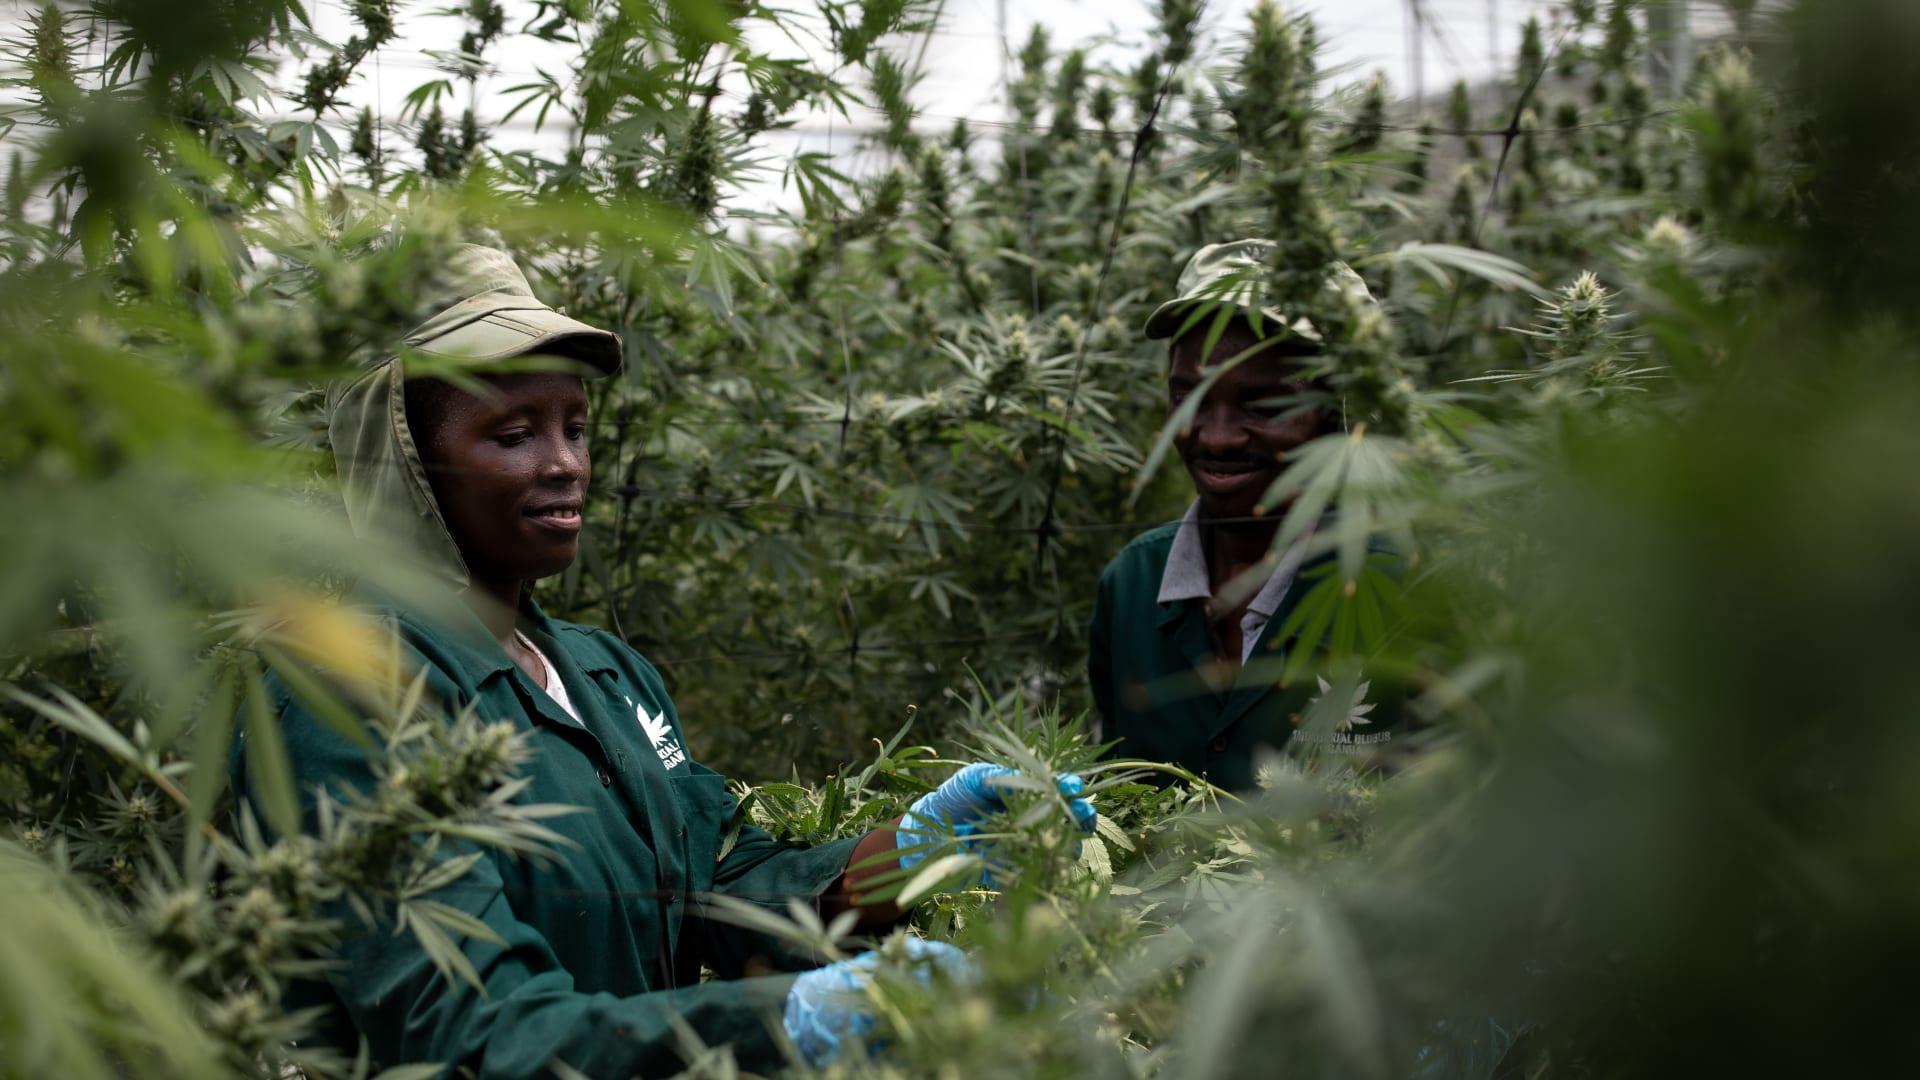 """الأمم المتحدة تخفض تصنيف الحشيش وخام القنب إلى فئة المخدرات """"الأقل خطورة"""""""